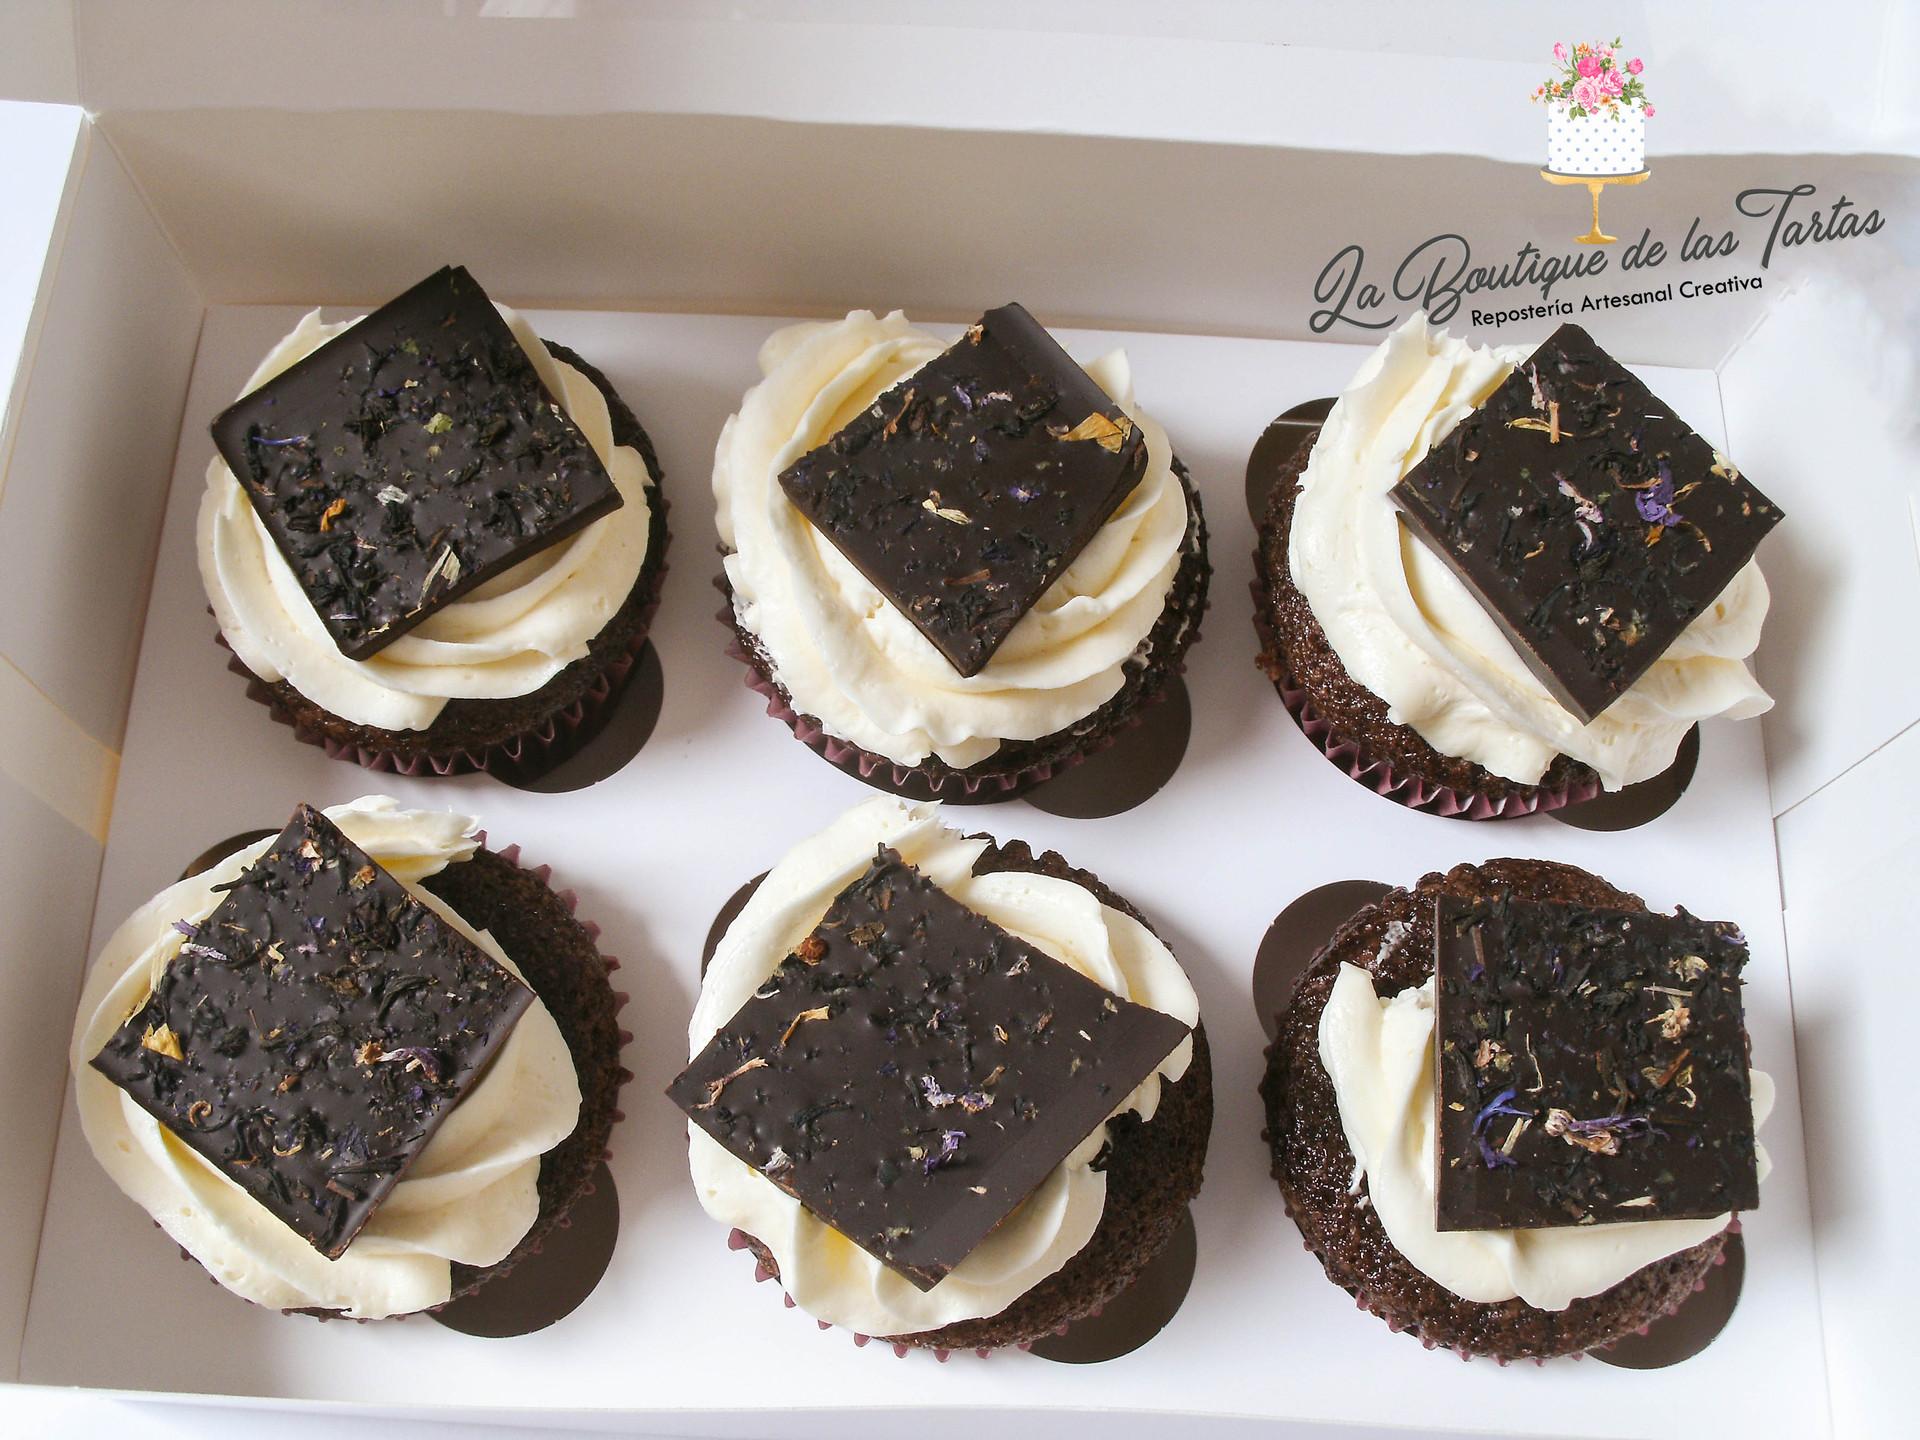 cupcakes con chocolate de flores